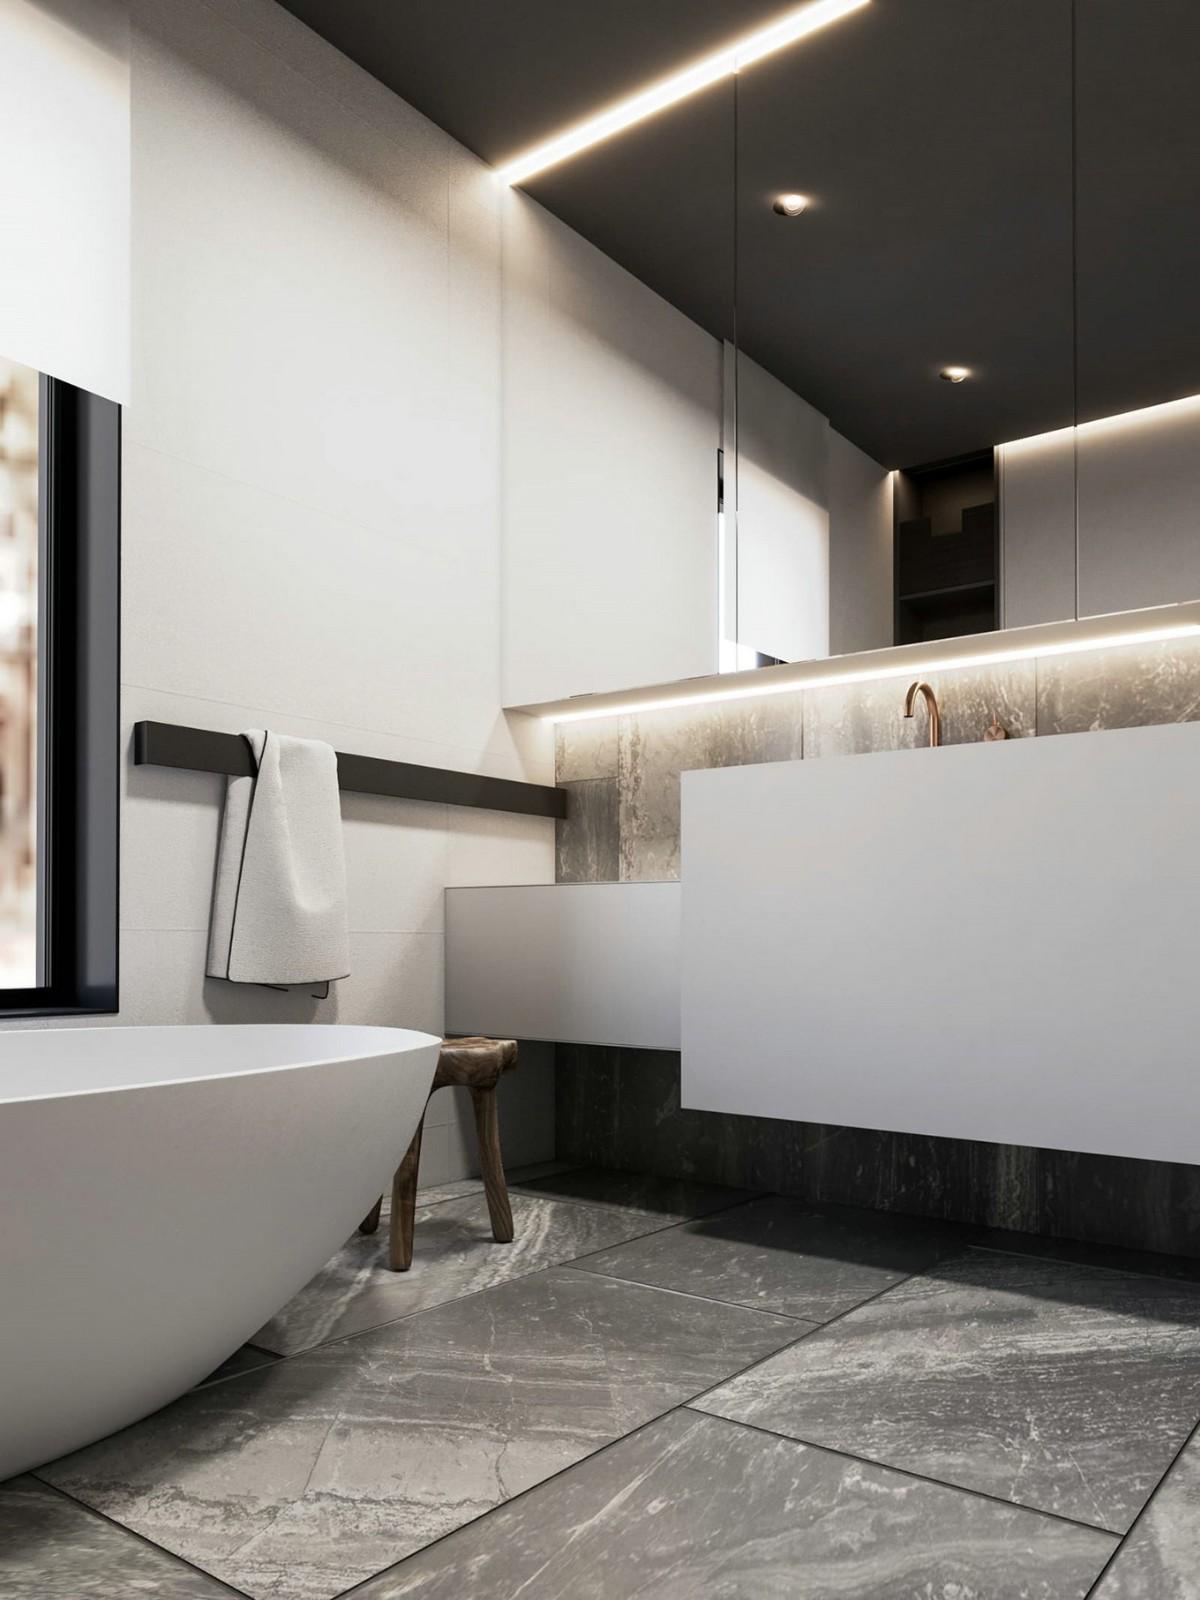 2021北欧卫生间装修图片 2021北欧浴缸装修设计